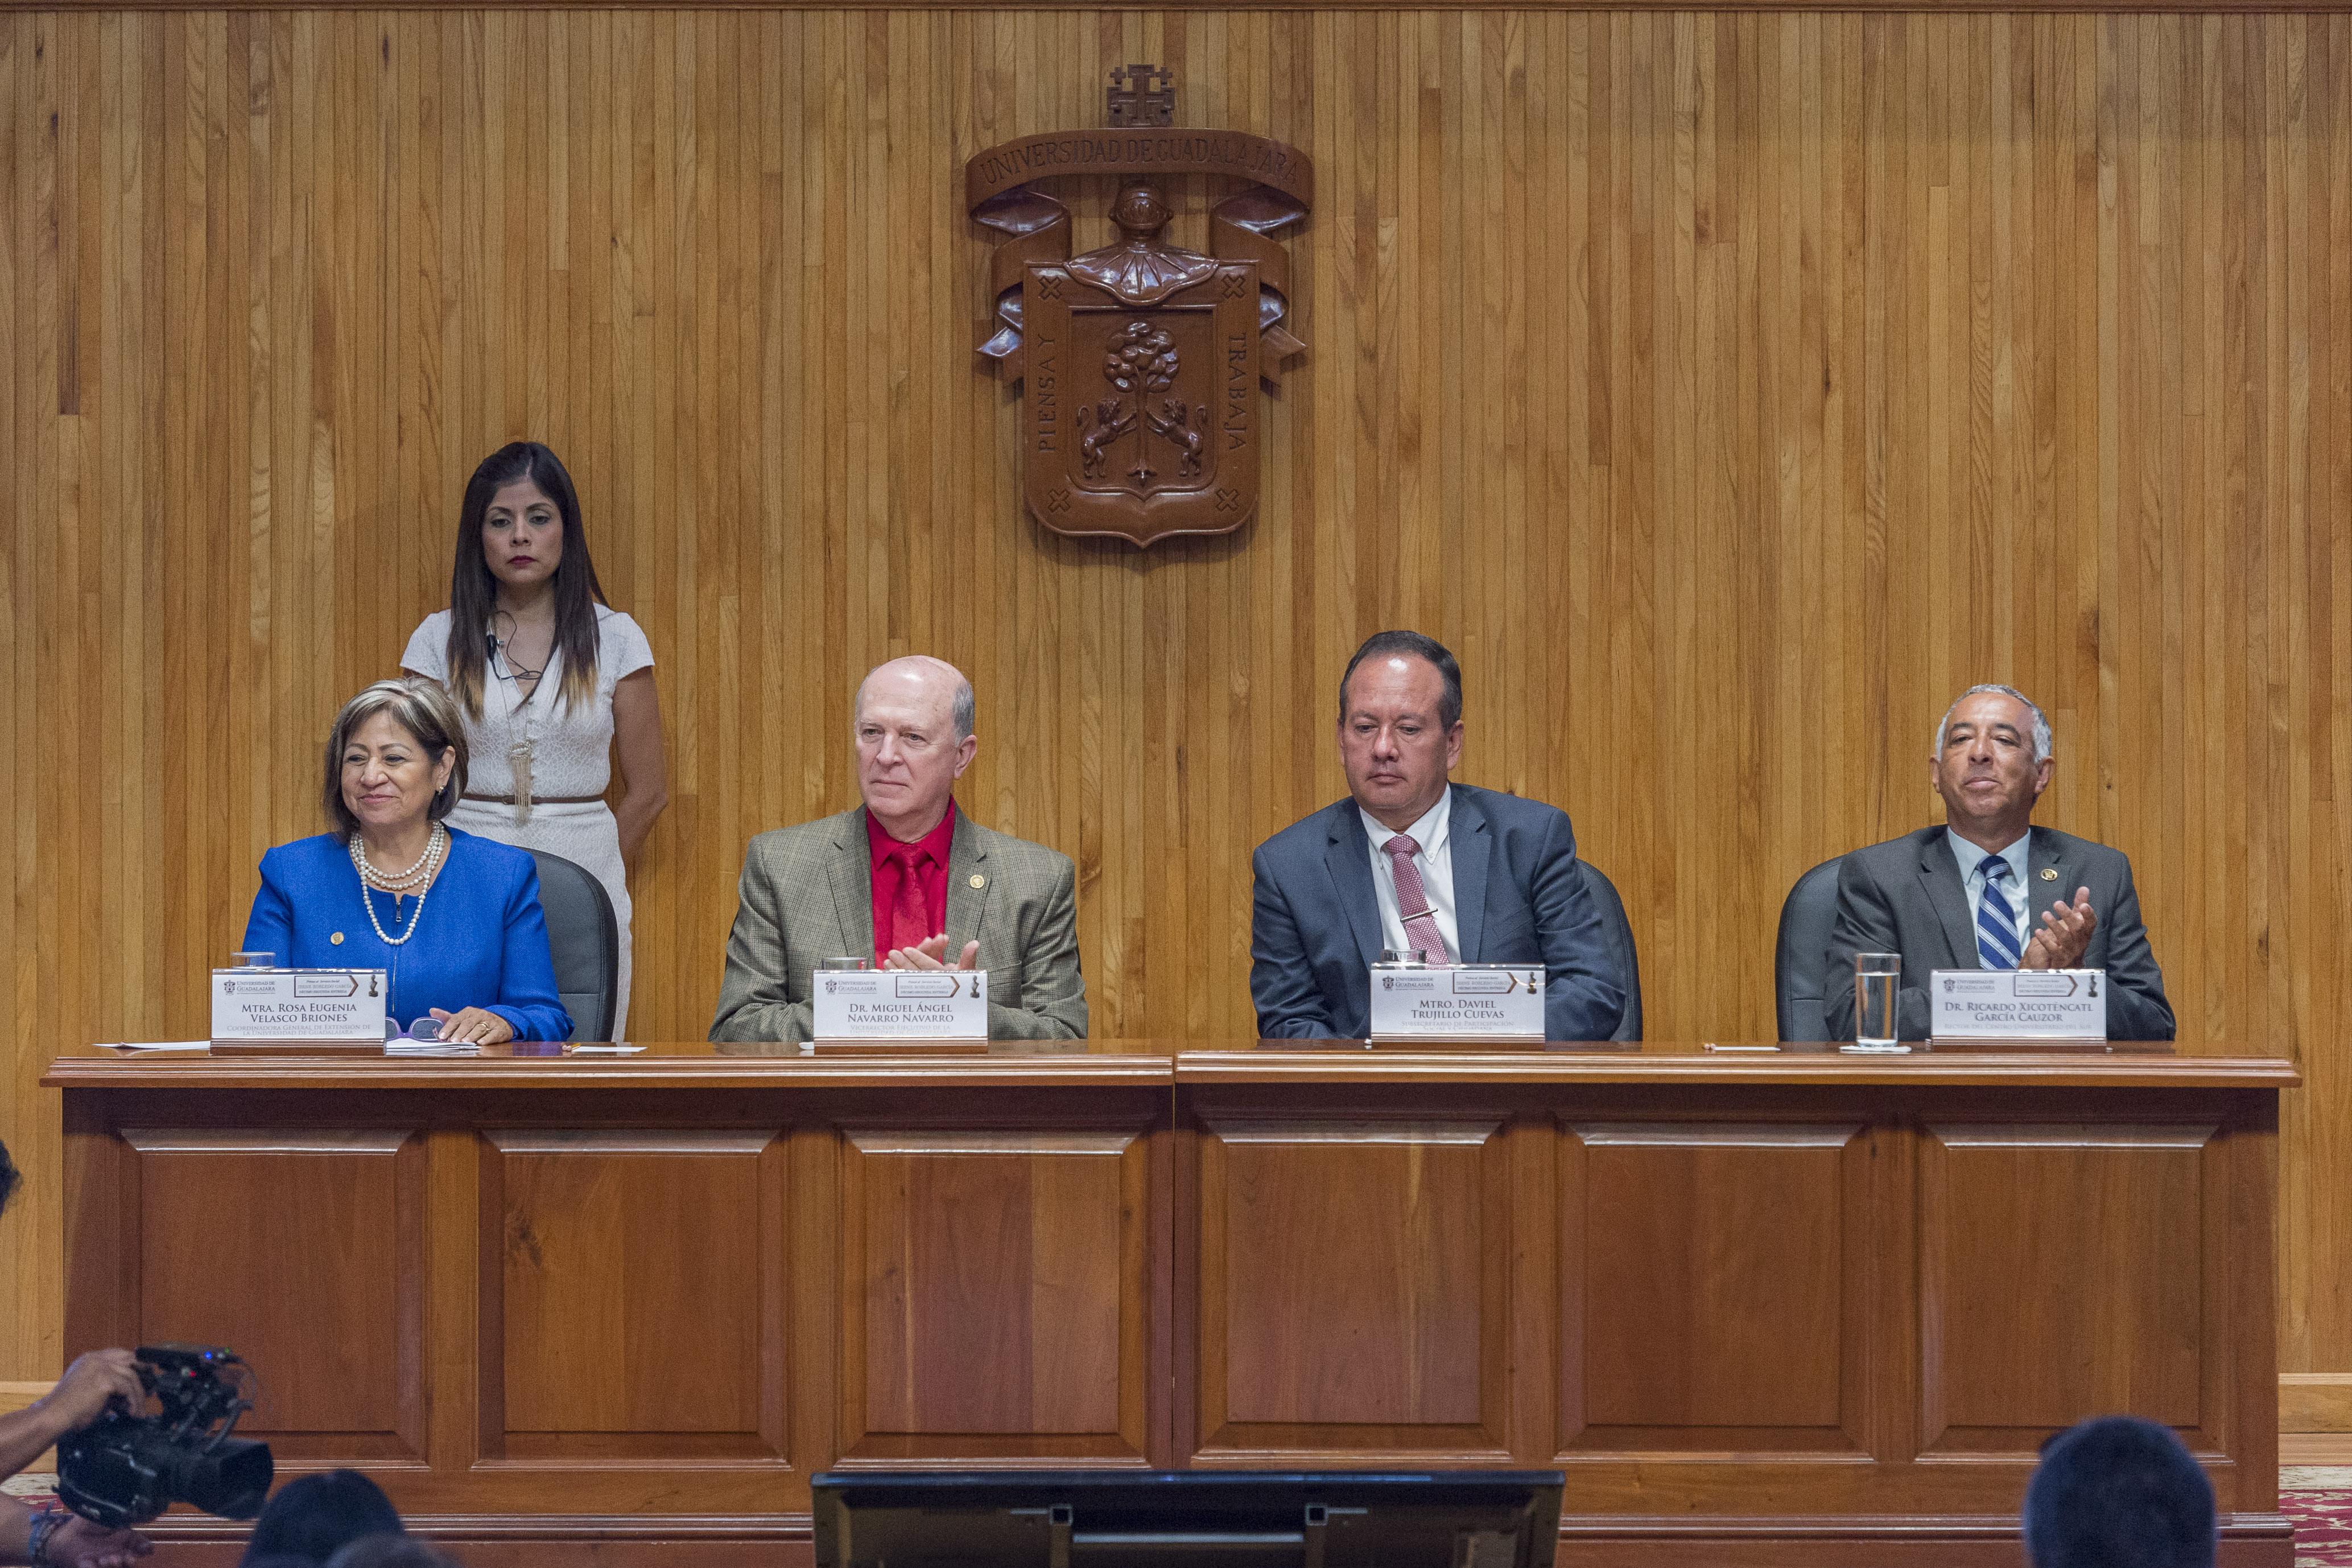 Miebros del presídium en la ceremonia de entrega de la Presea Irene Robledo García